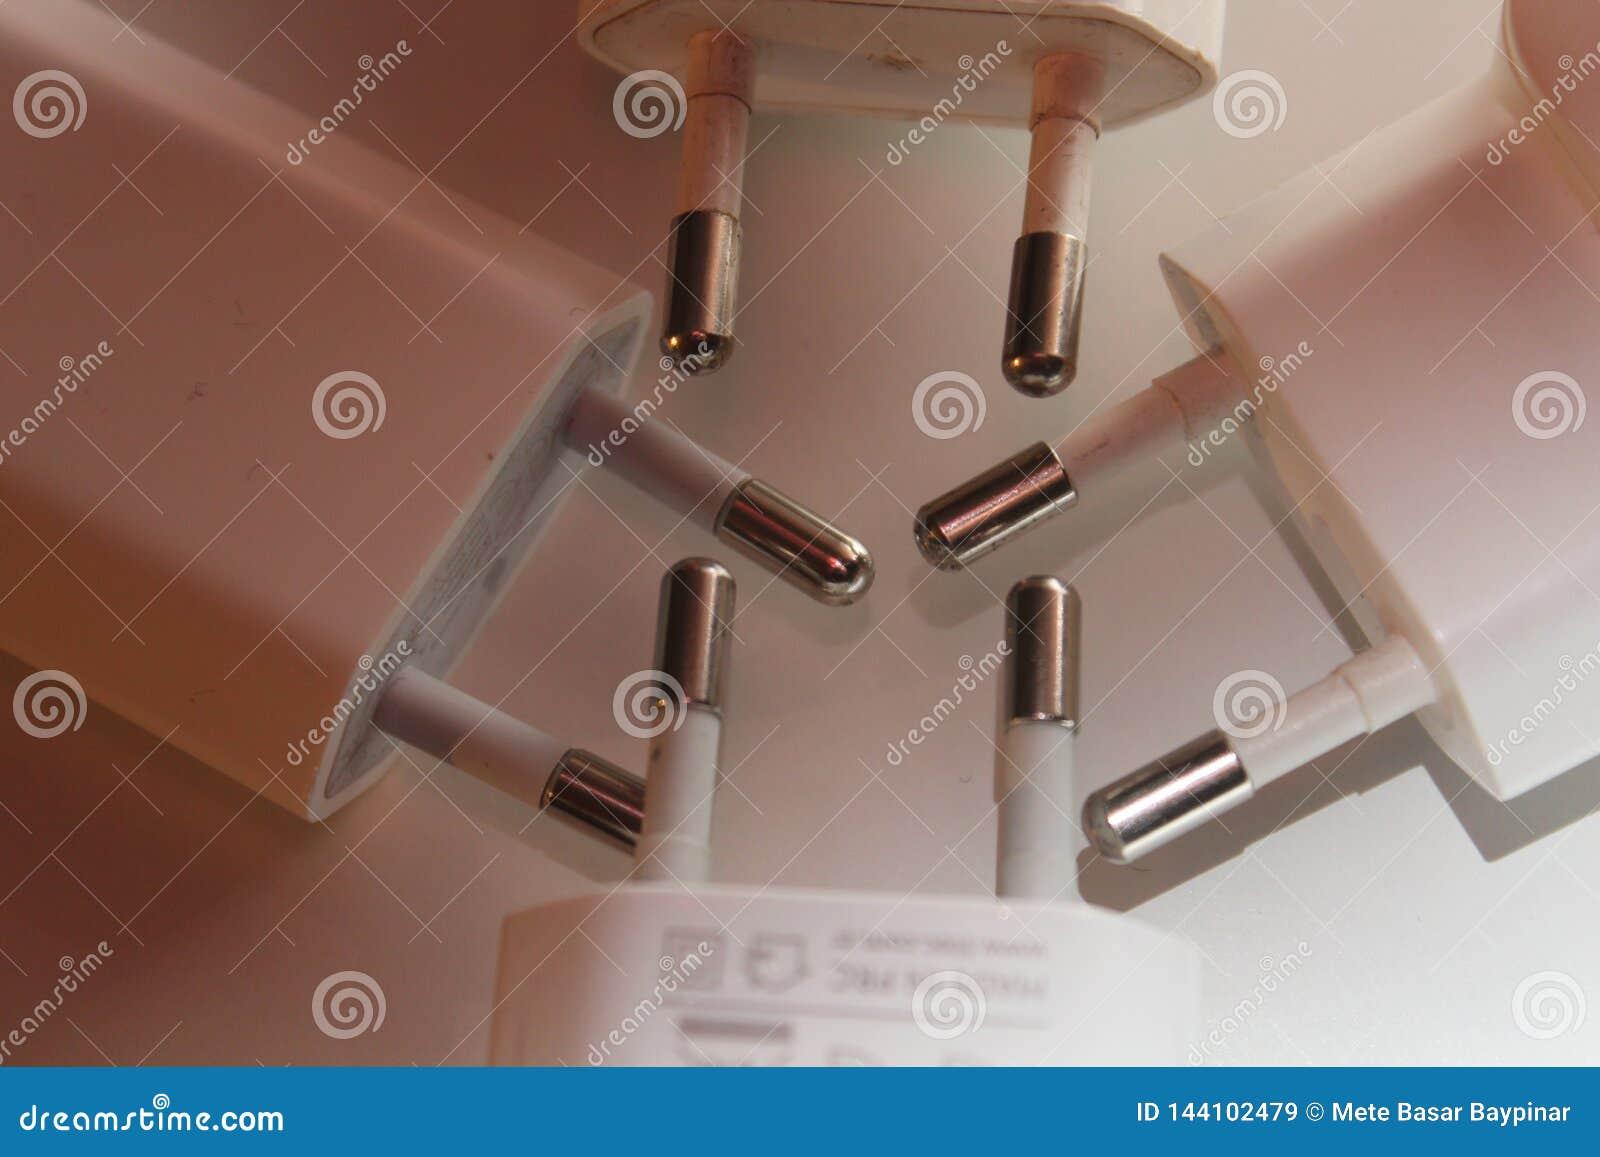 Detalle de las extremidades de los cargadores USB usados que se encuentran en el fondo blanco